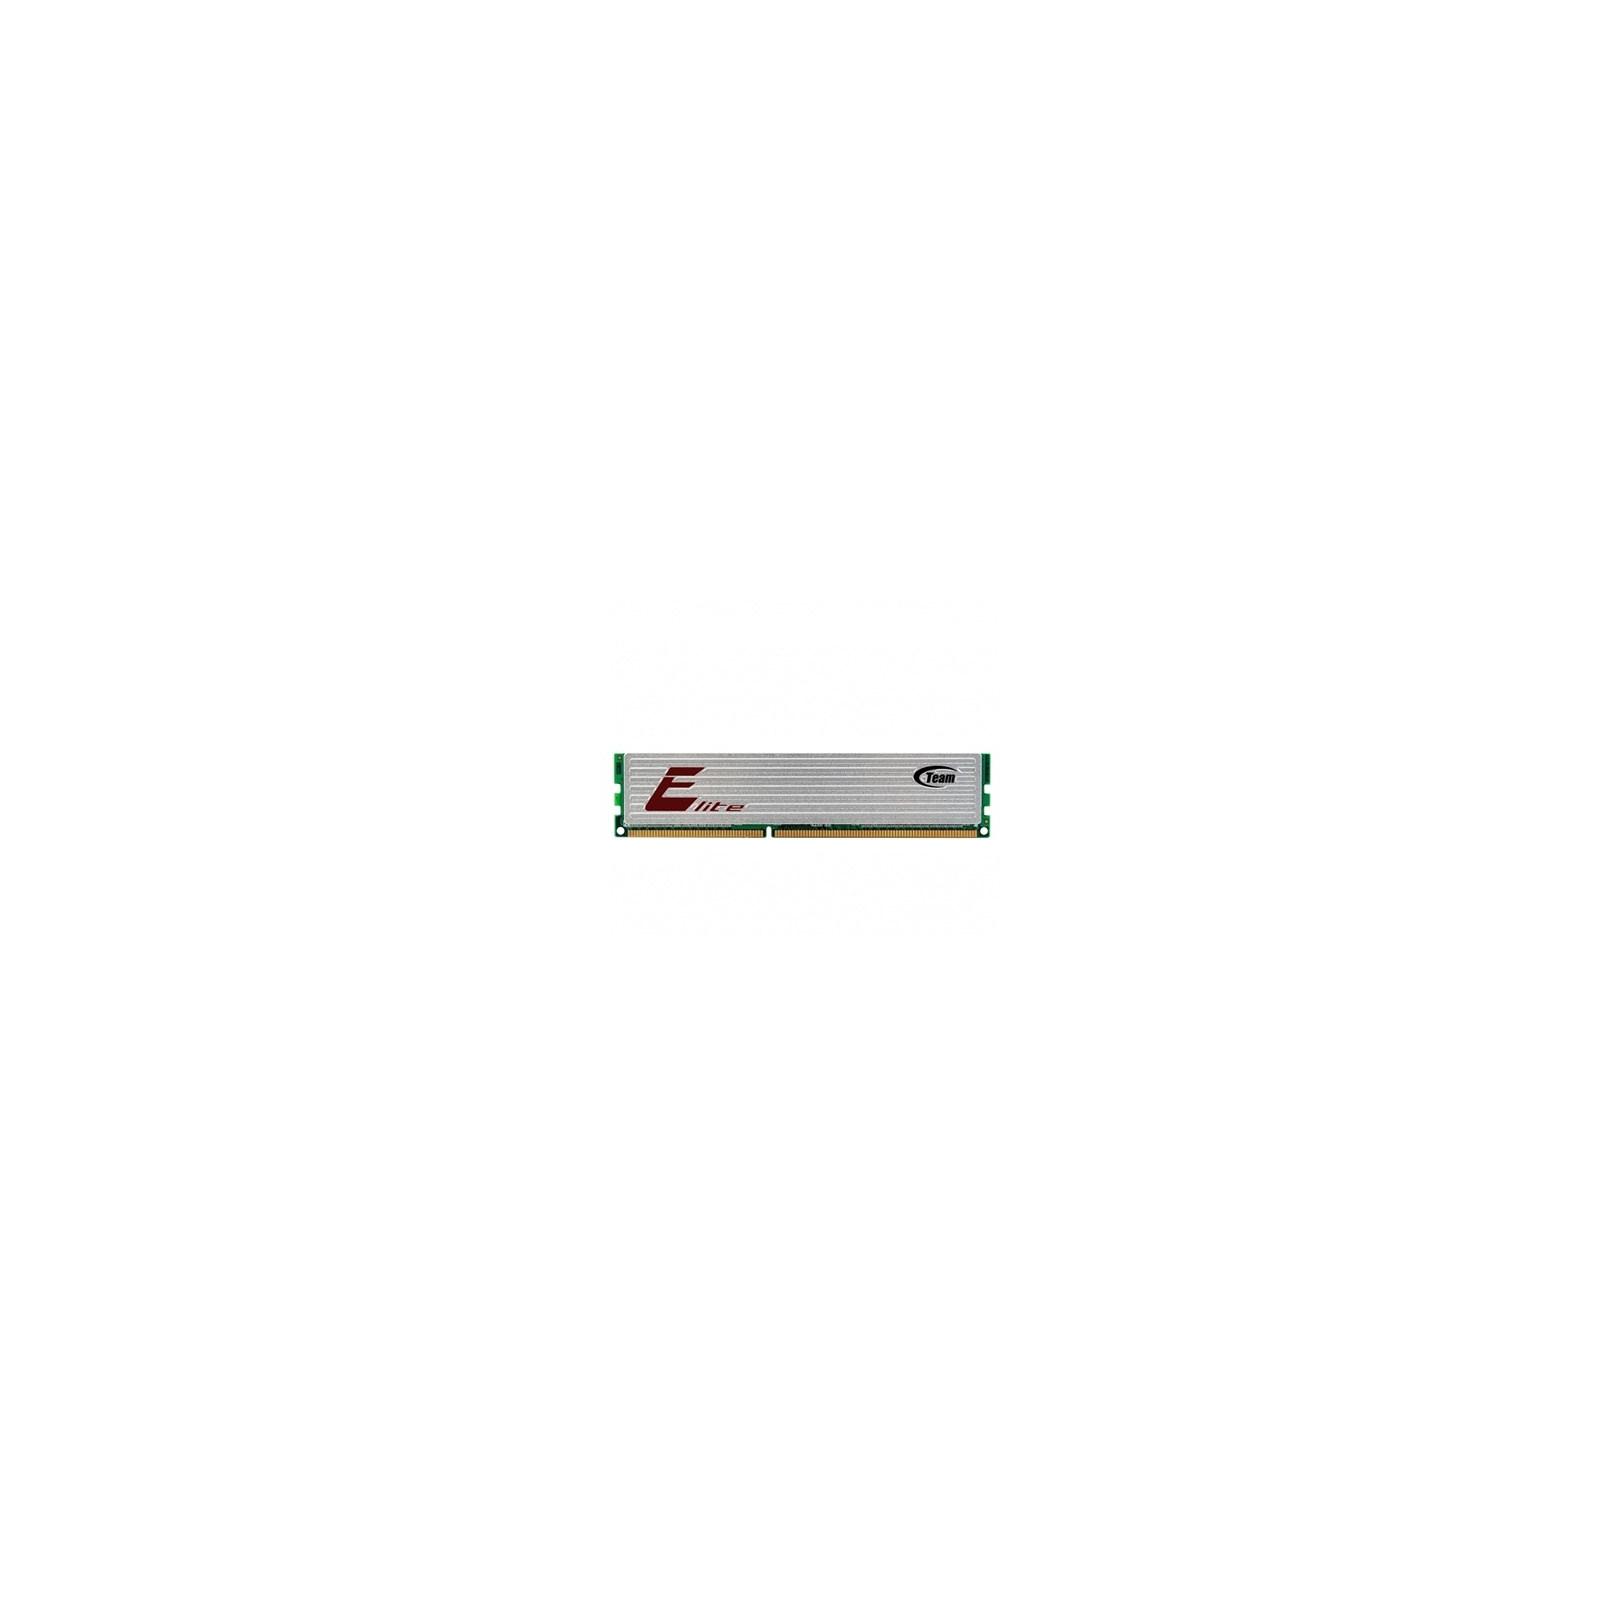 Модуль памяти для компьютера DDR3 2GB 1333 MHz Team (TED32GМ1333C9BK / TED32G1333C9BK)